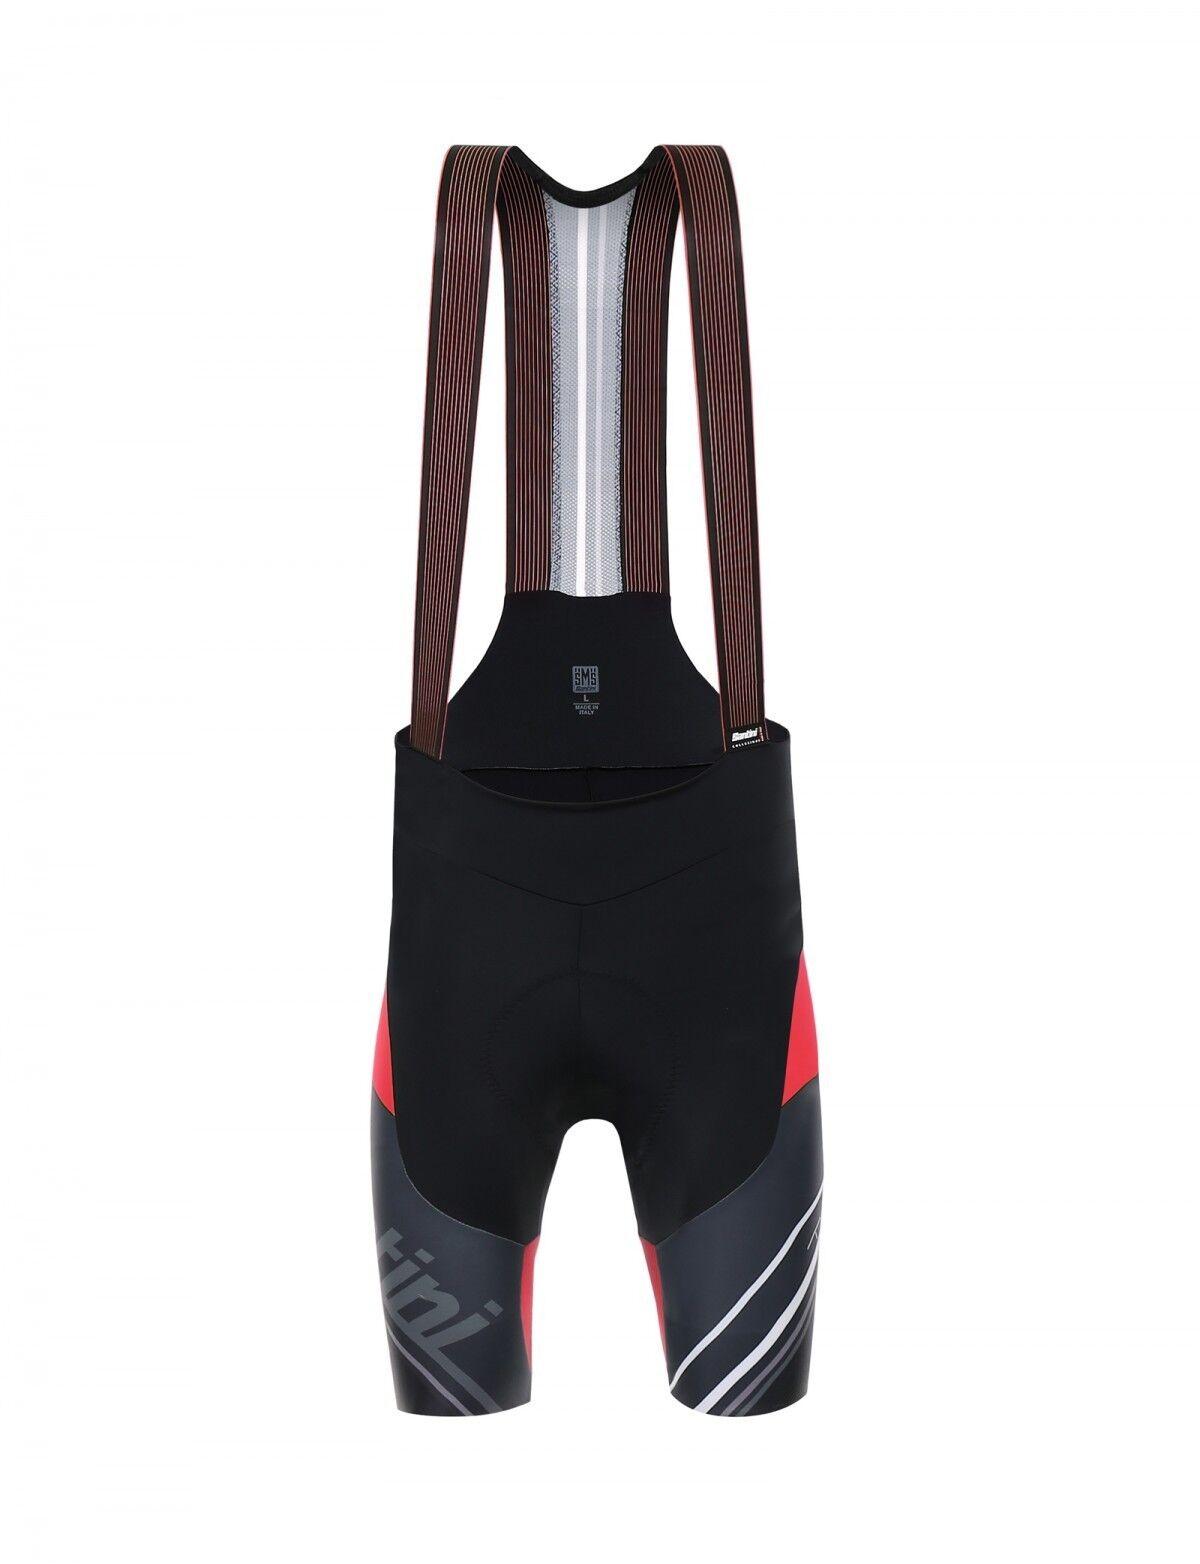 SALOPETTE SANTINI TONO black  red tg. S  more affordable